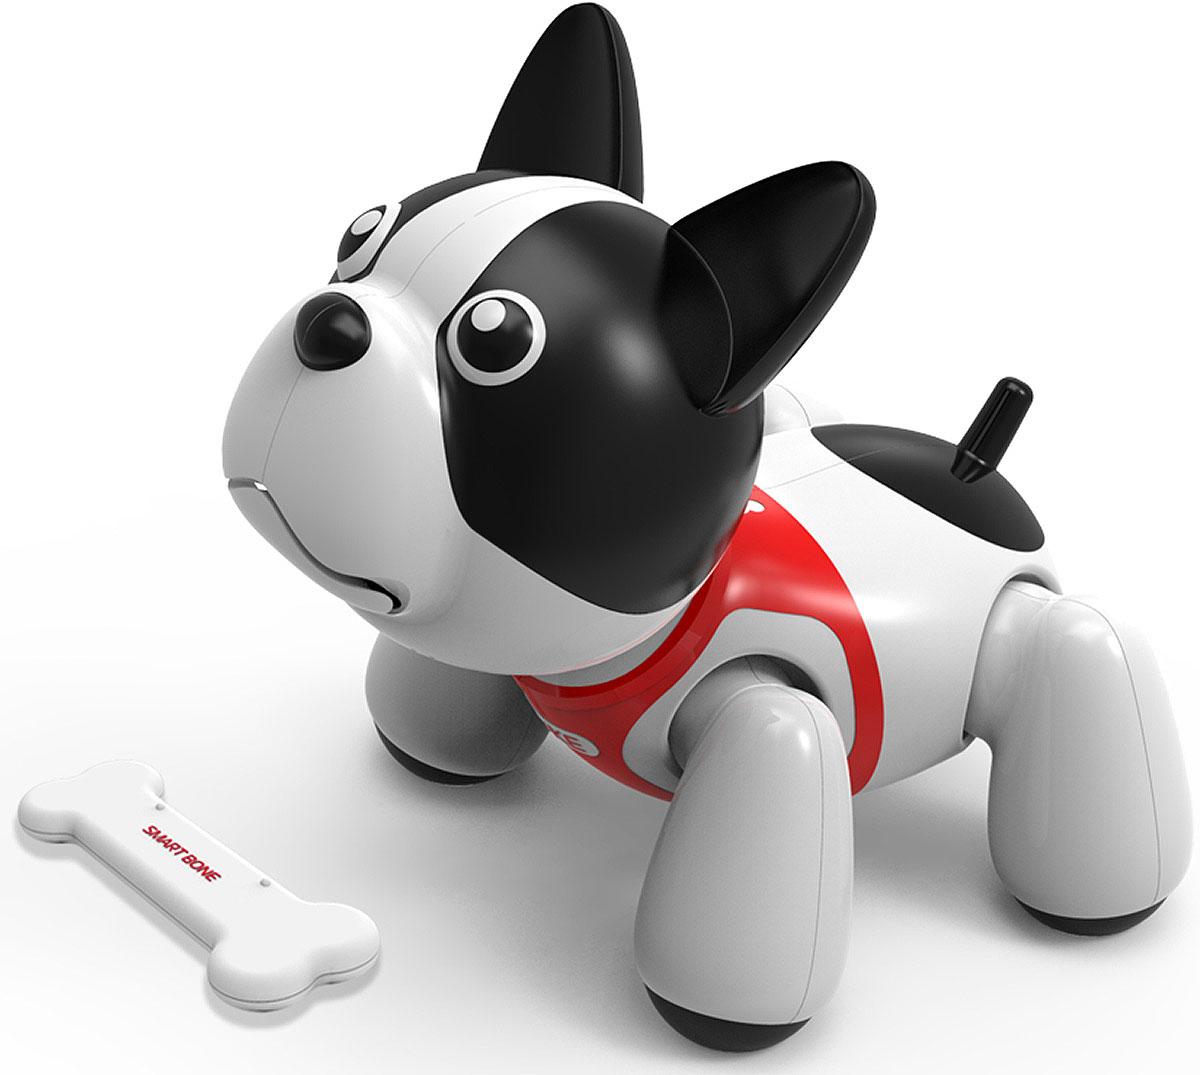 картинки про робота собаку этом сразу